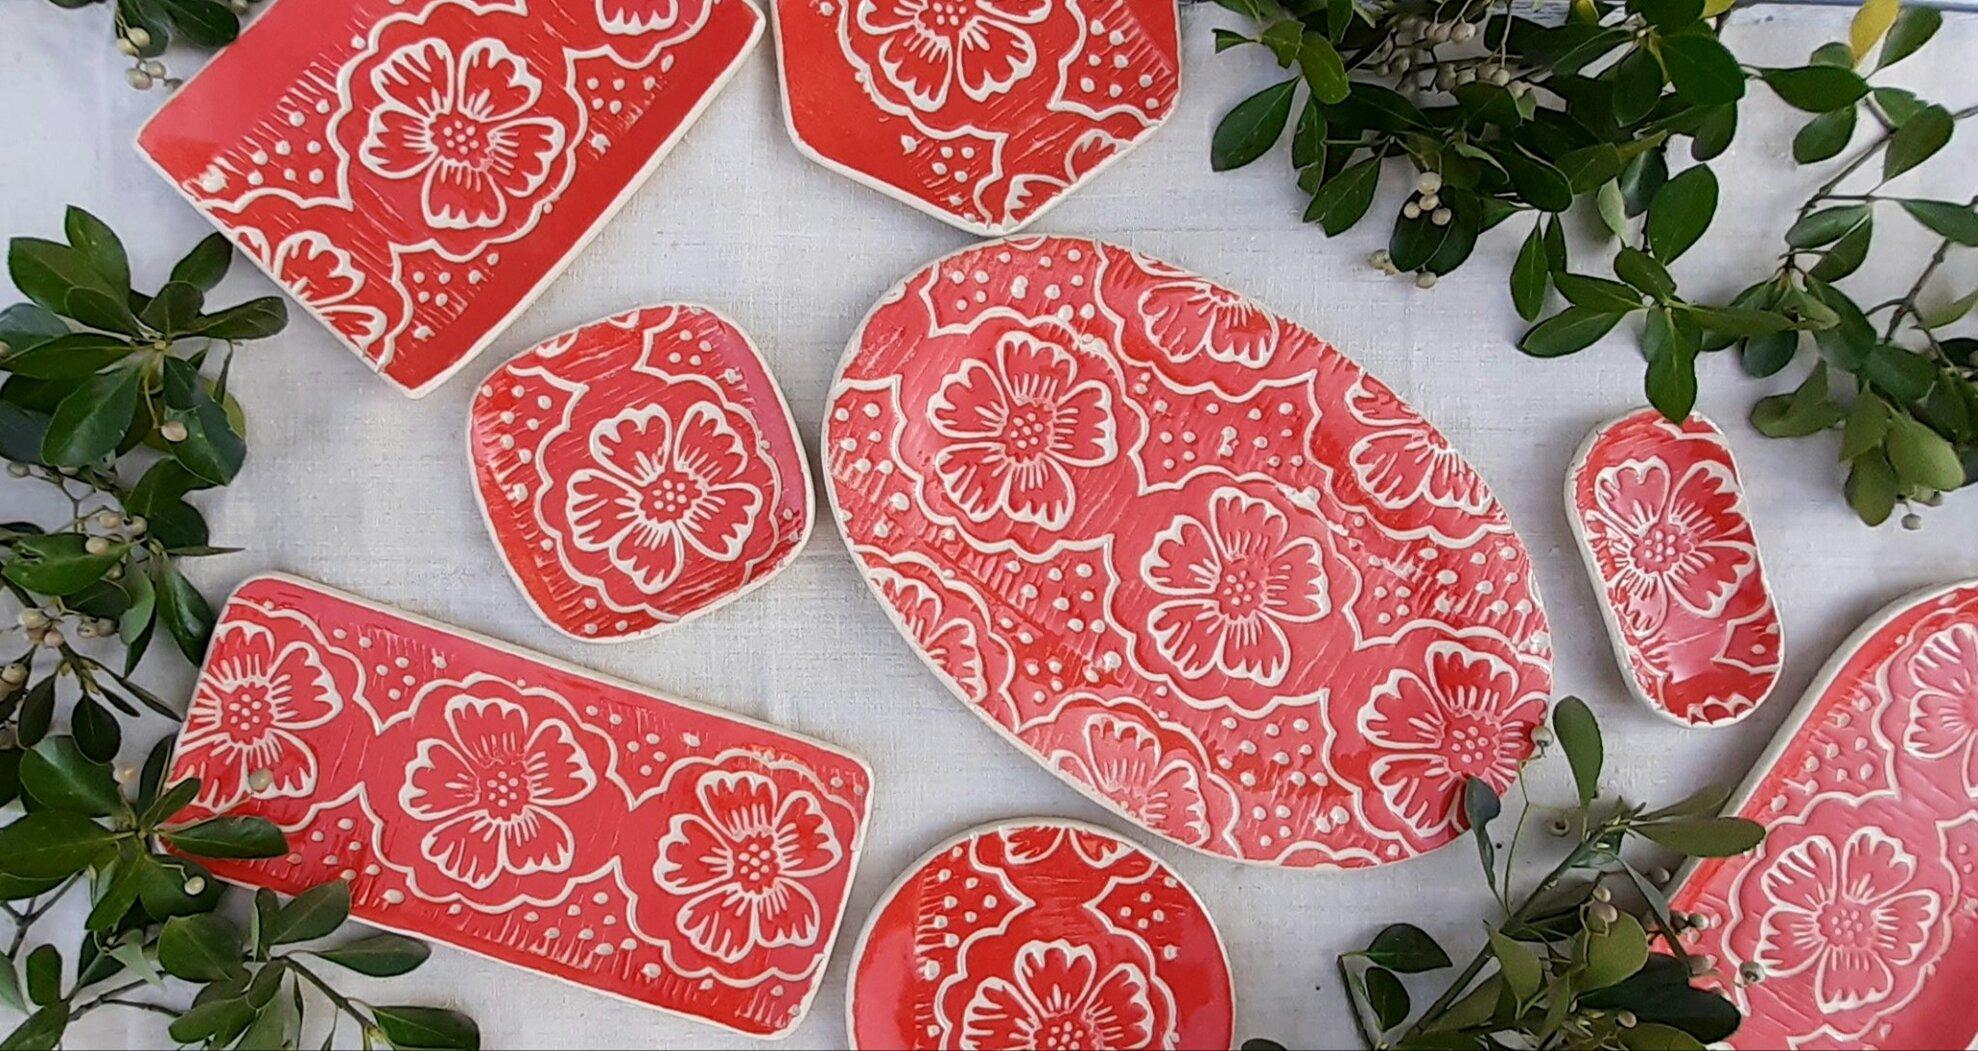 Apacuka Ceramics pop-up karácsonyi vásár